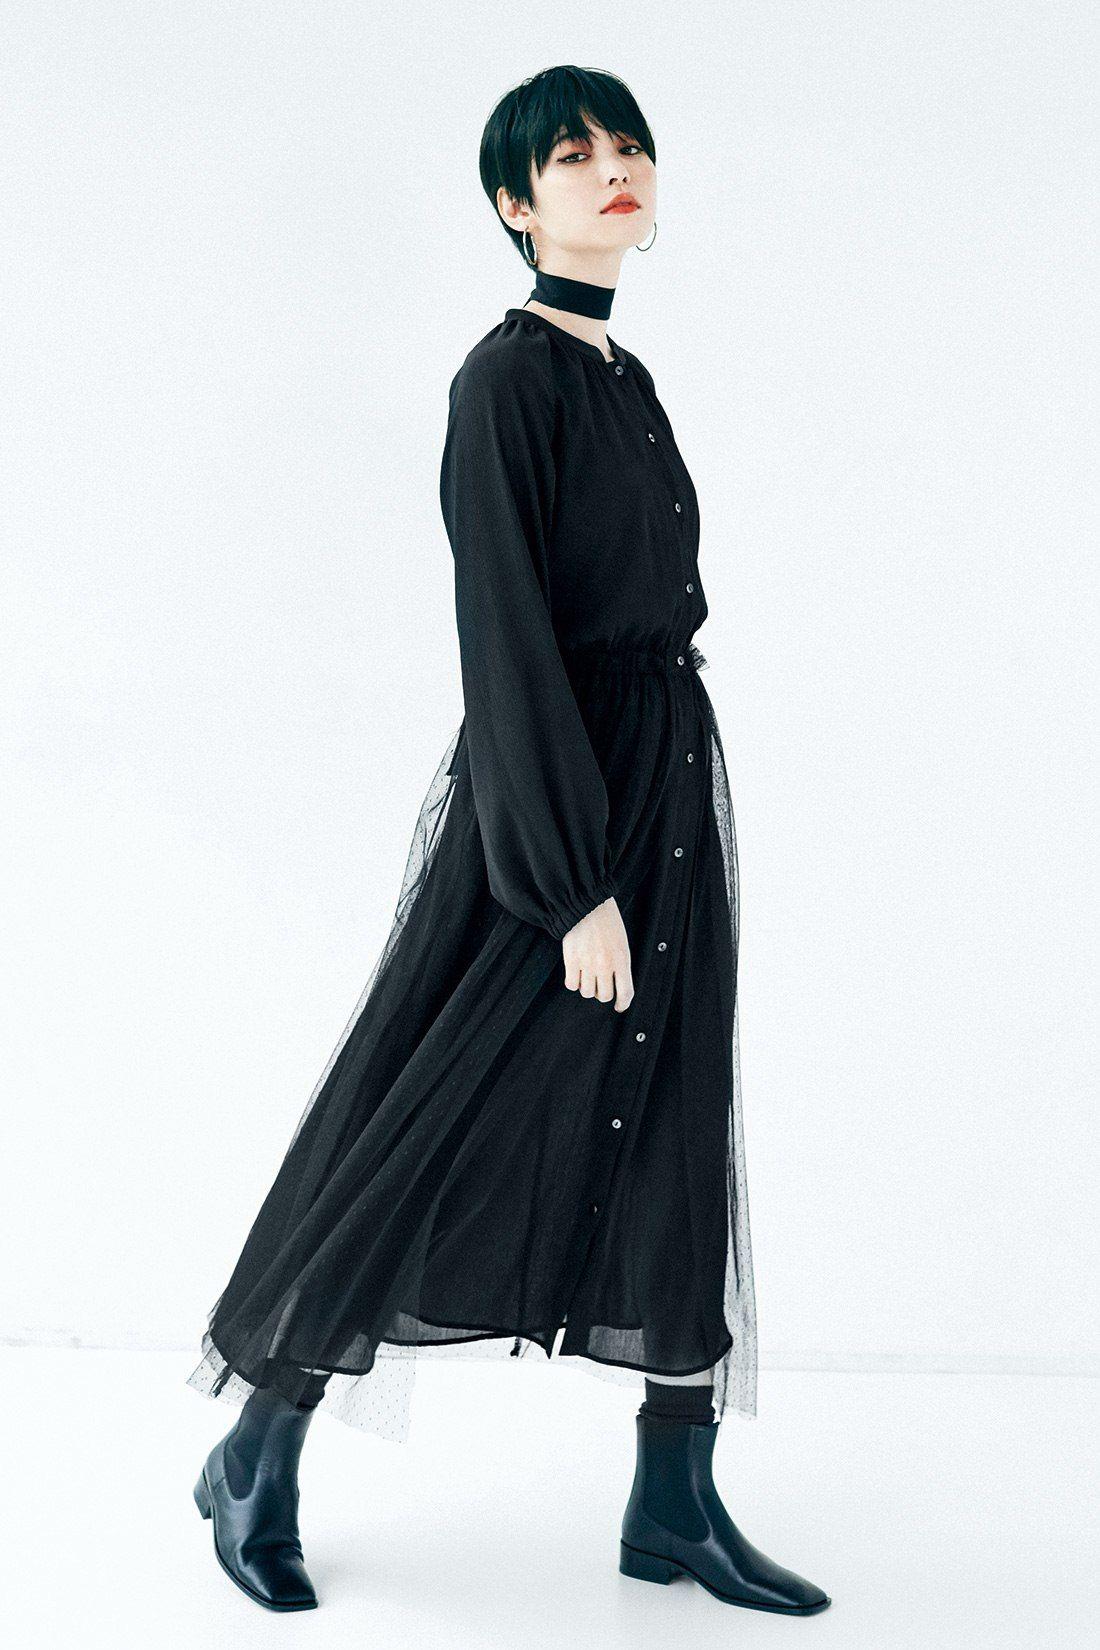 3 10日でお届け iedit イディット ドレスライクなシアー素材 シャツワンピース ブラック フェリシモ パーティードレス 黒 モード系ファッション レディース モード系ファッション